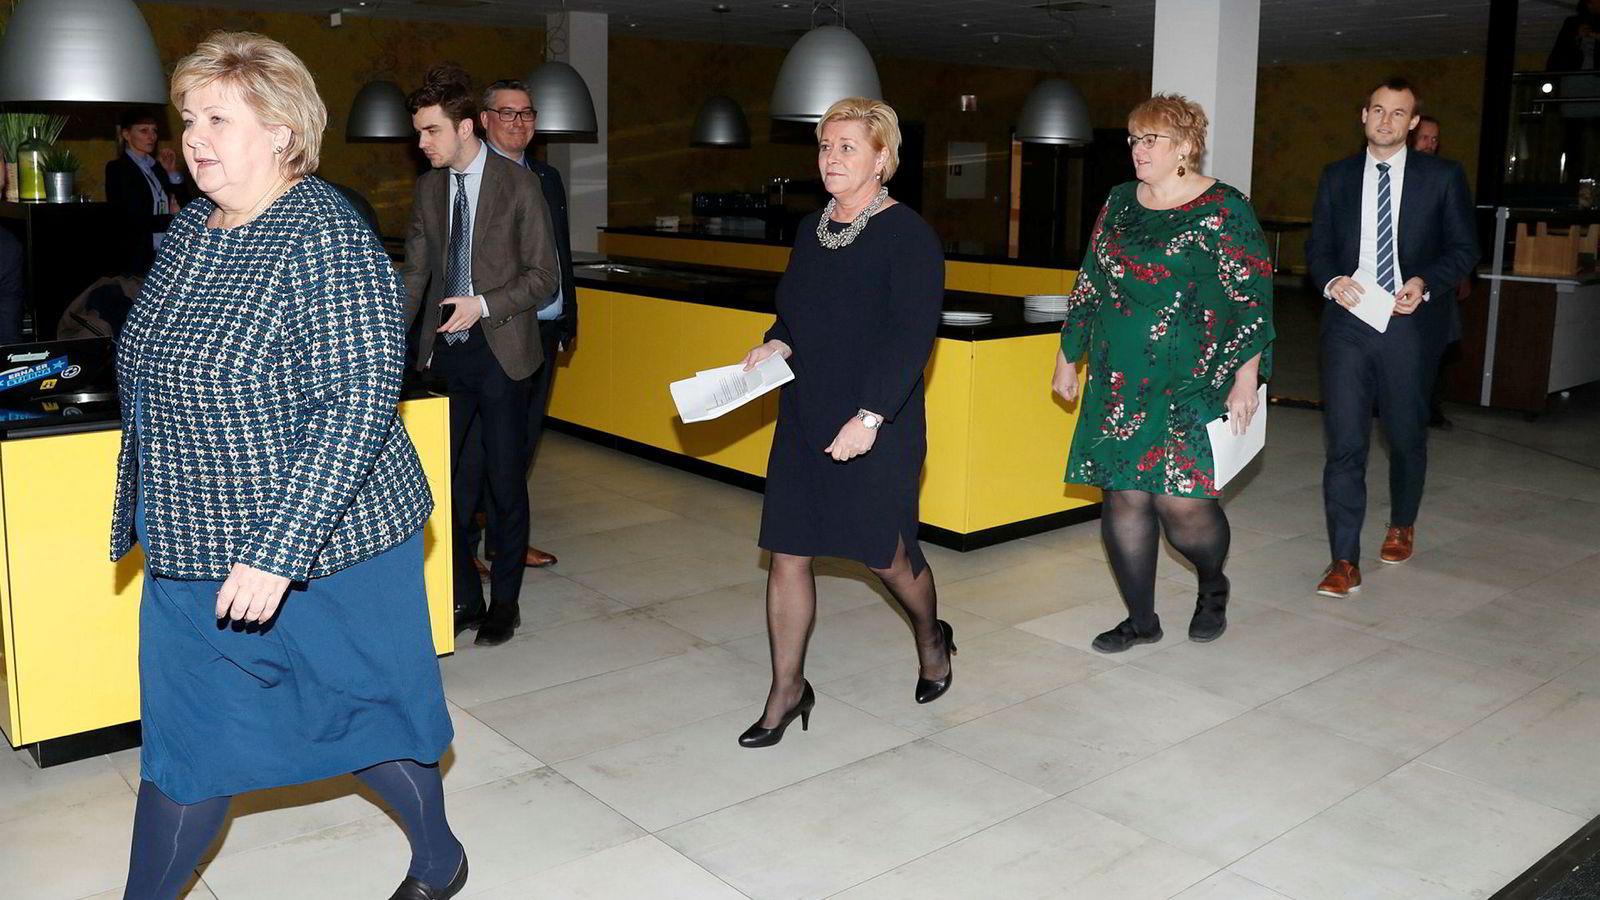 Borgerlige? Ikke-sosialistiske? Torsdag kveld la Høyre-leder og statsminister Erna Solberg (fra venstre), Frp-leder Siv Jensen, Venstre-leder Trine Skei Grande og KrF-nestleder Kjell Ingolf Ropstad frem sin nye regjeringsplattform.